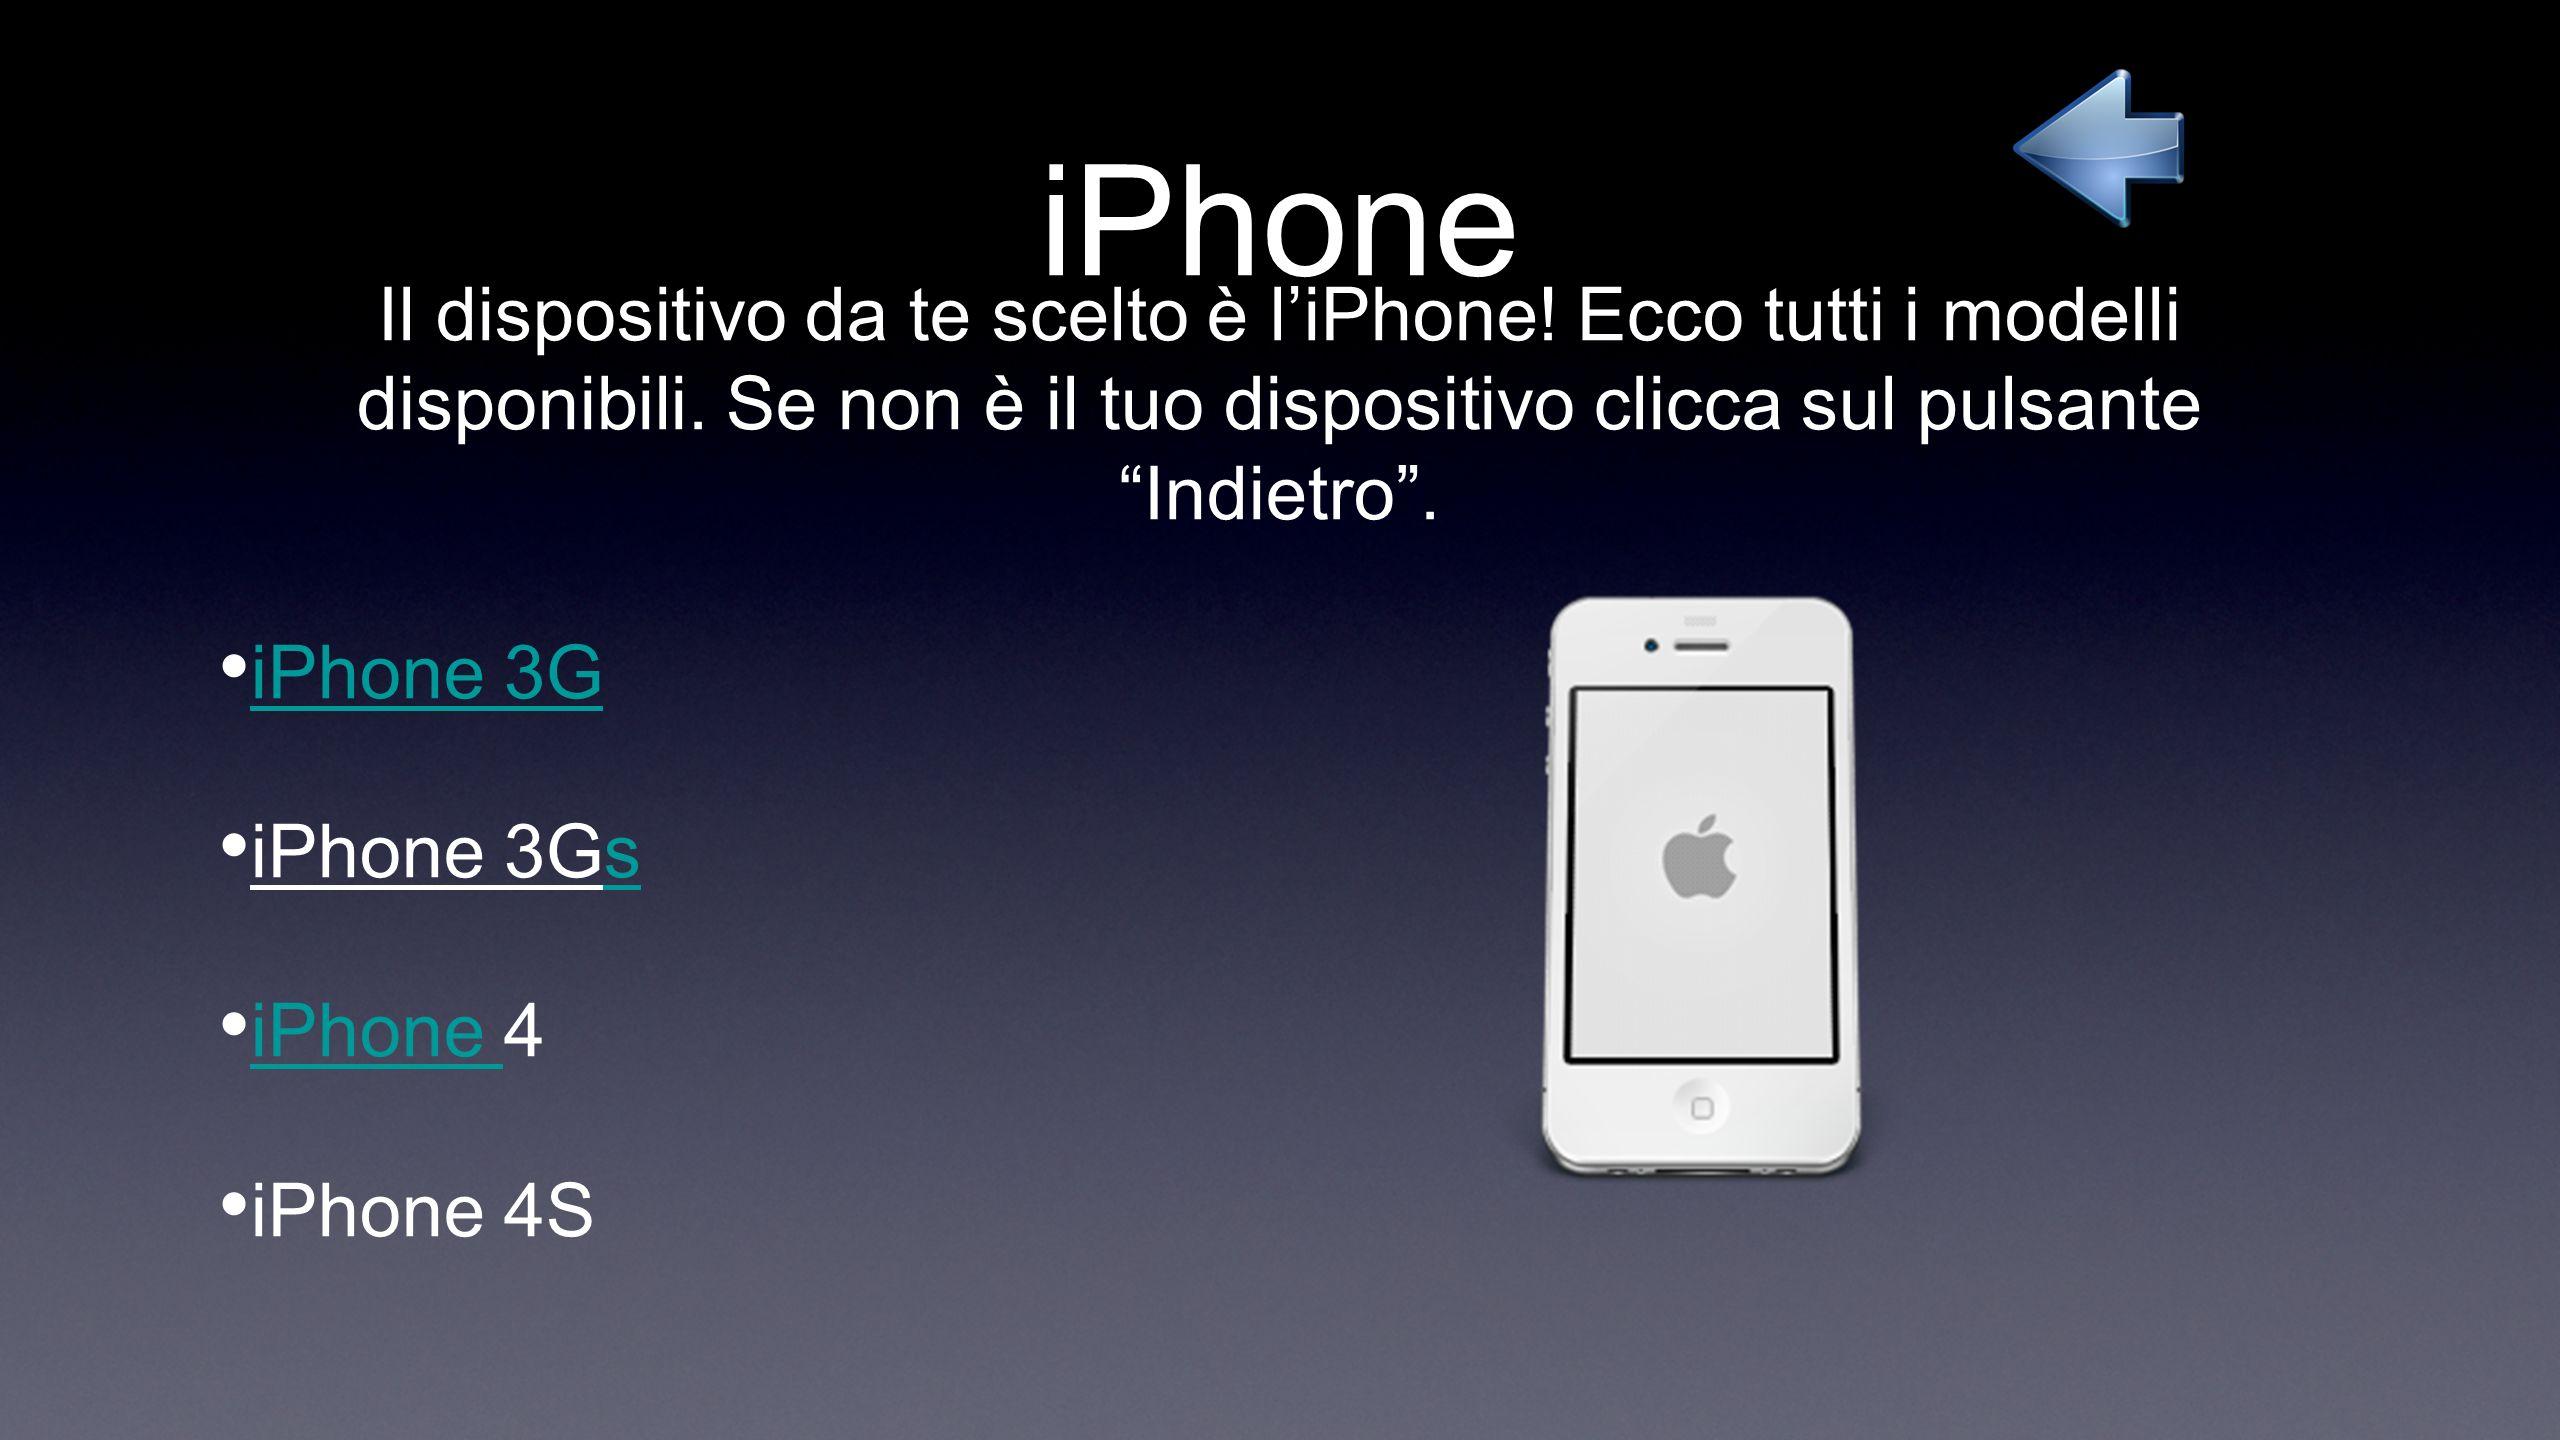 iPhone 3G Il tuo dispositivo è uniPhone 3G, se non è così clicca su Indietro.